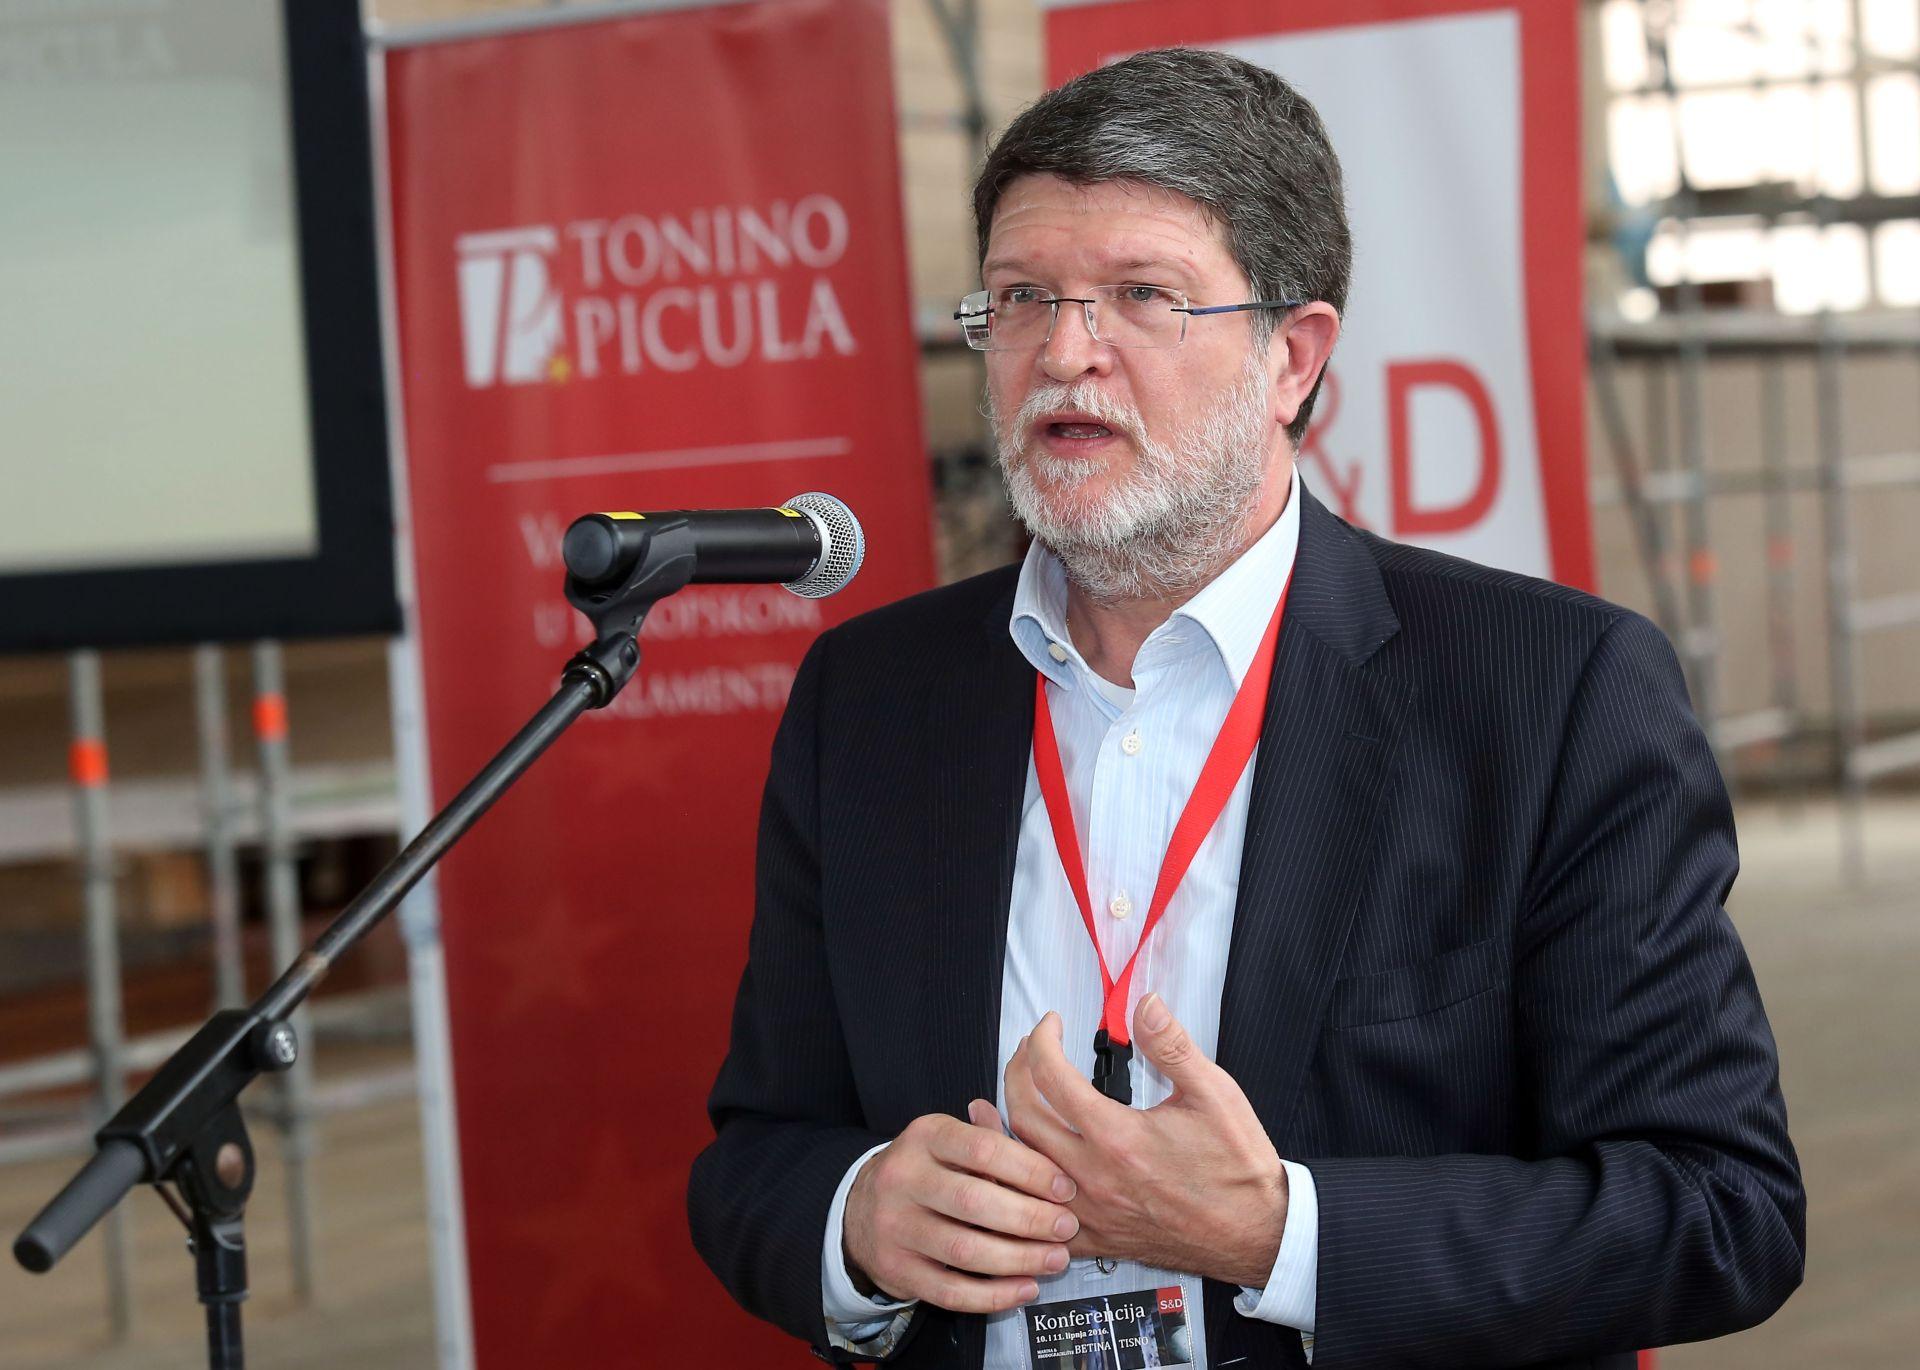 PICULA POTVRDIO: 'Kandidirat ću se za predsjednika SDP-a, ne bježim od odgovornosti'